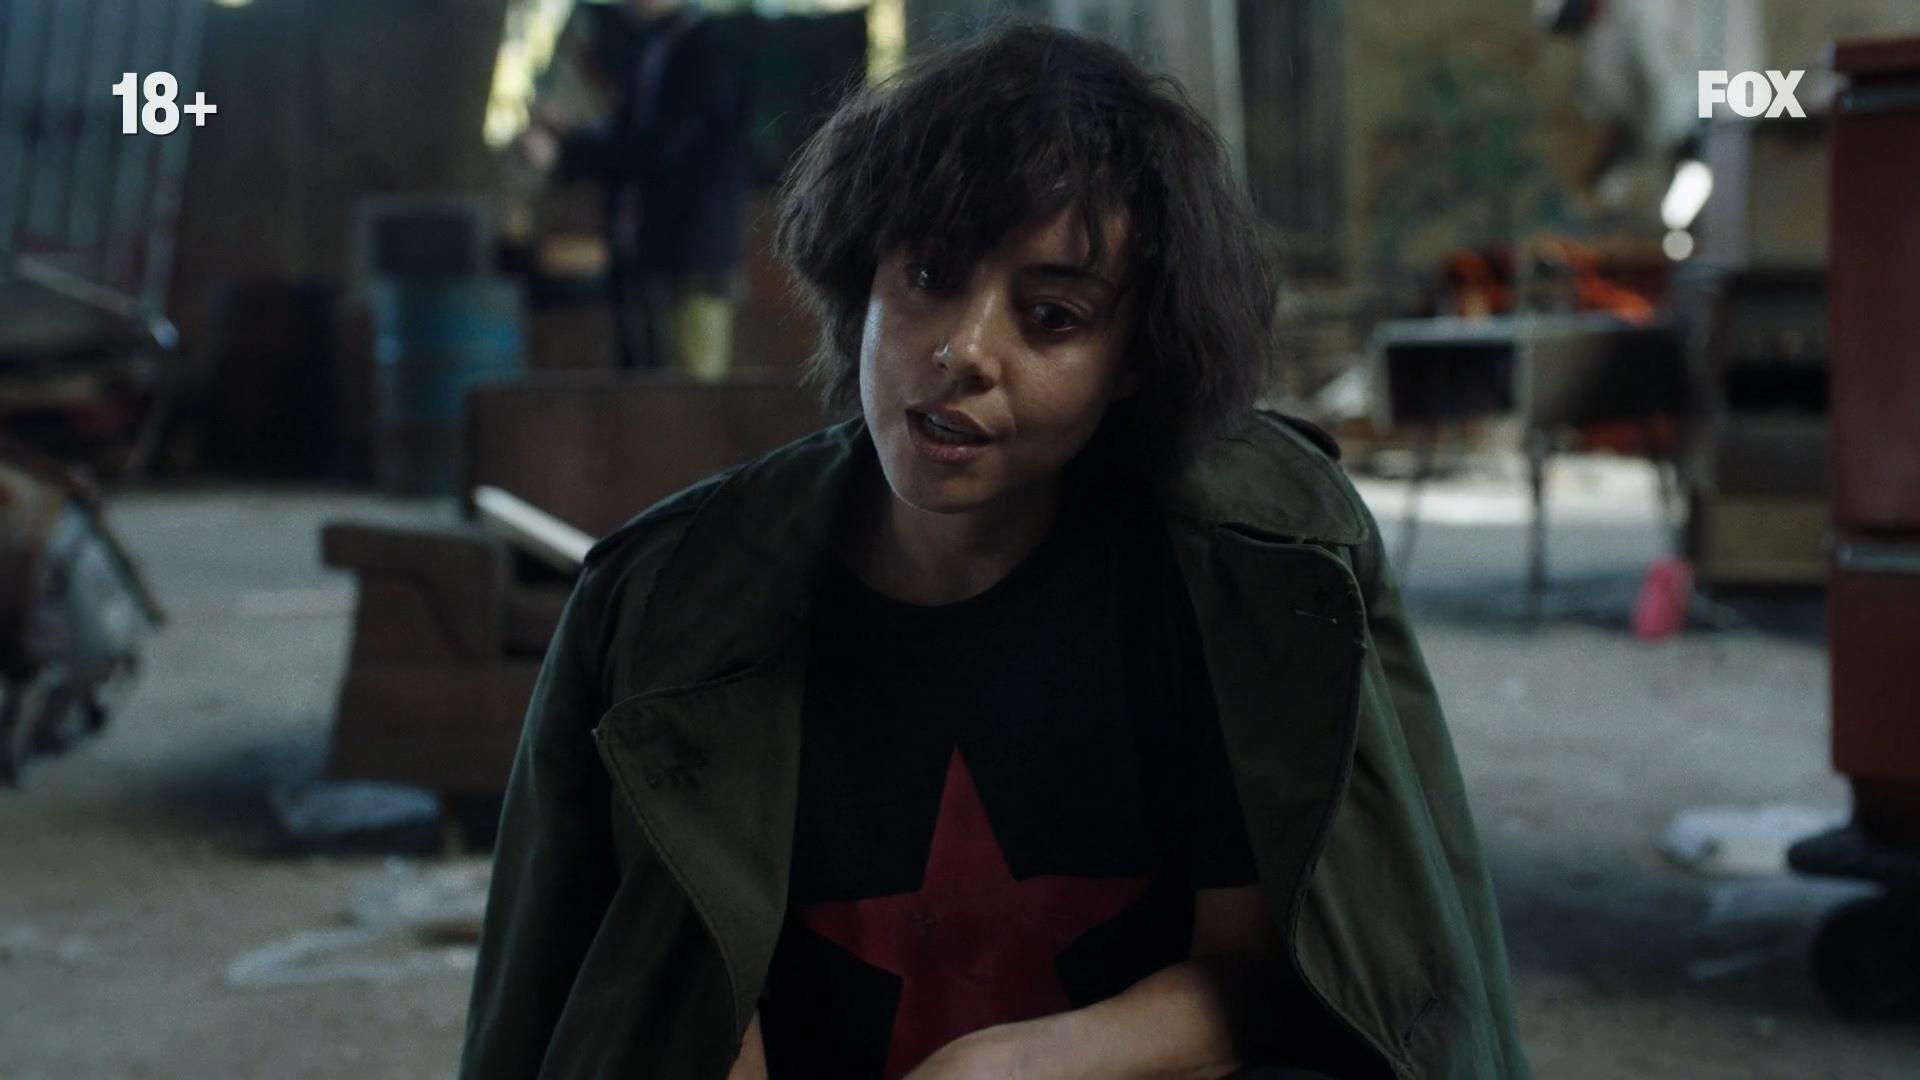 Новый раунд угадайки - из какого сериала эта девушка с футболкой сапатистов / Rage Against the Machine?